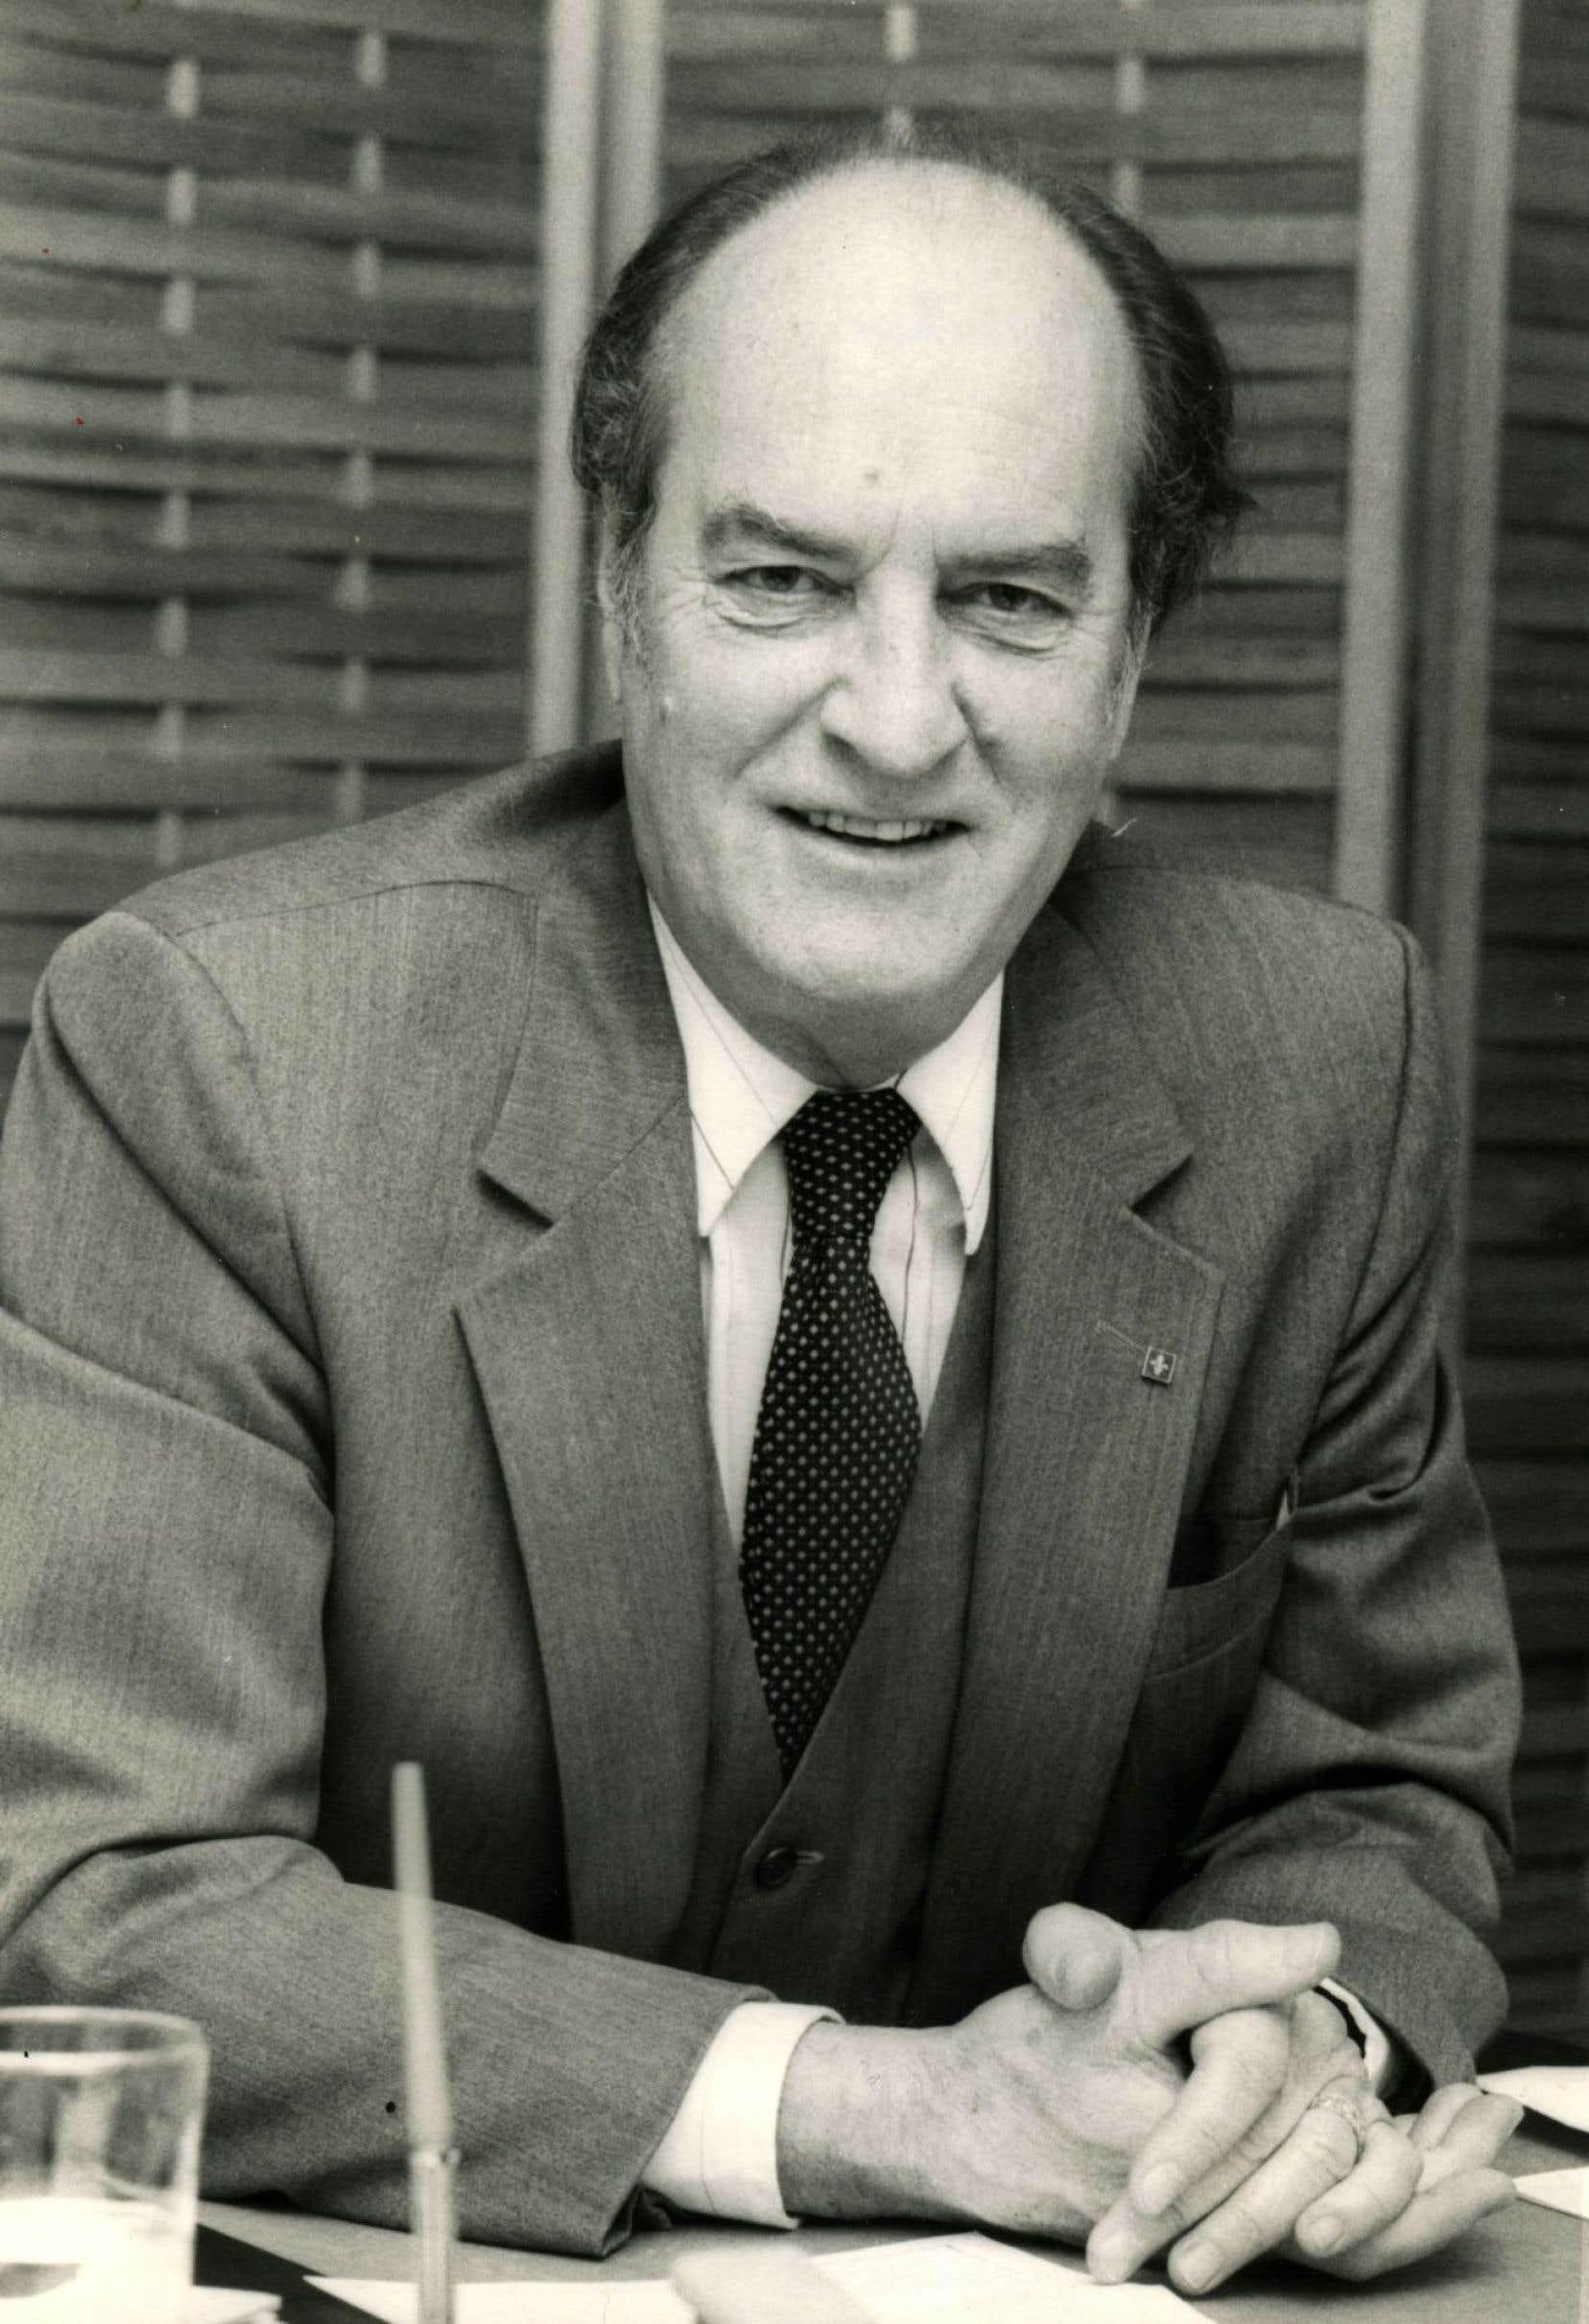 Journaliste, écrivain, député du Parti québécois et premier député du Parti indépendantiste, Pierre de Bellefeuille était un homme de conviction et de culture.